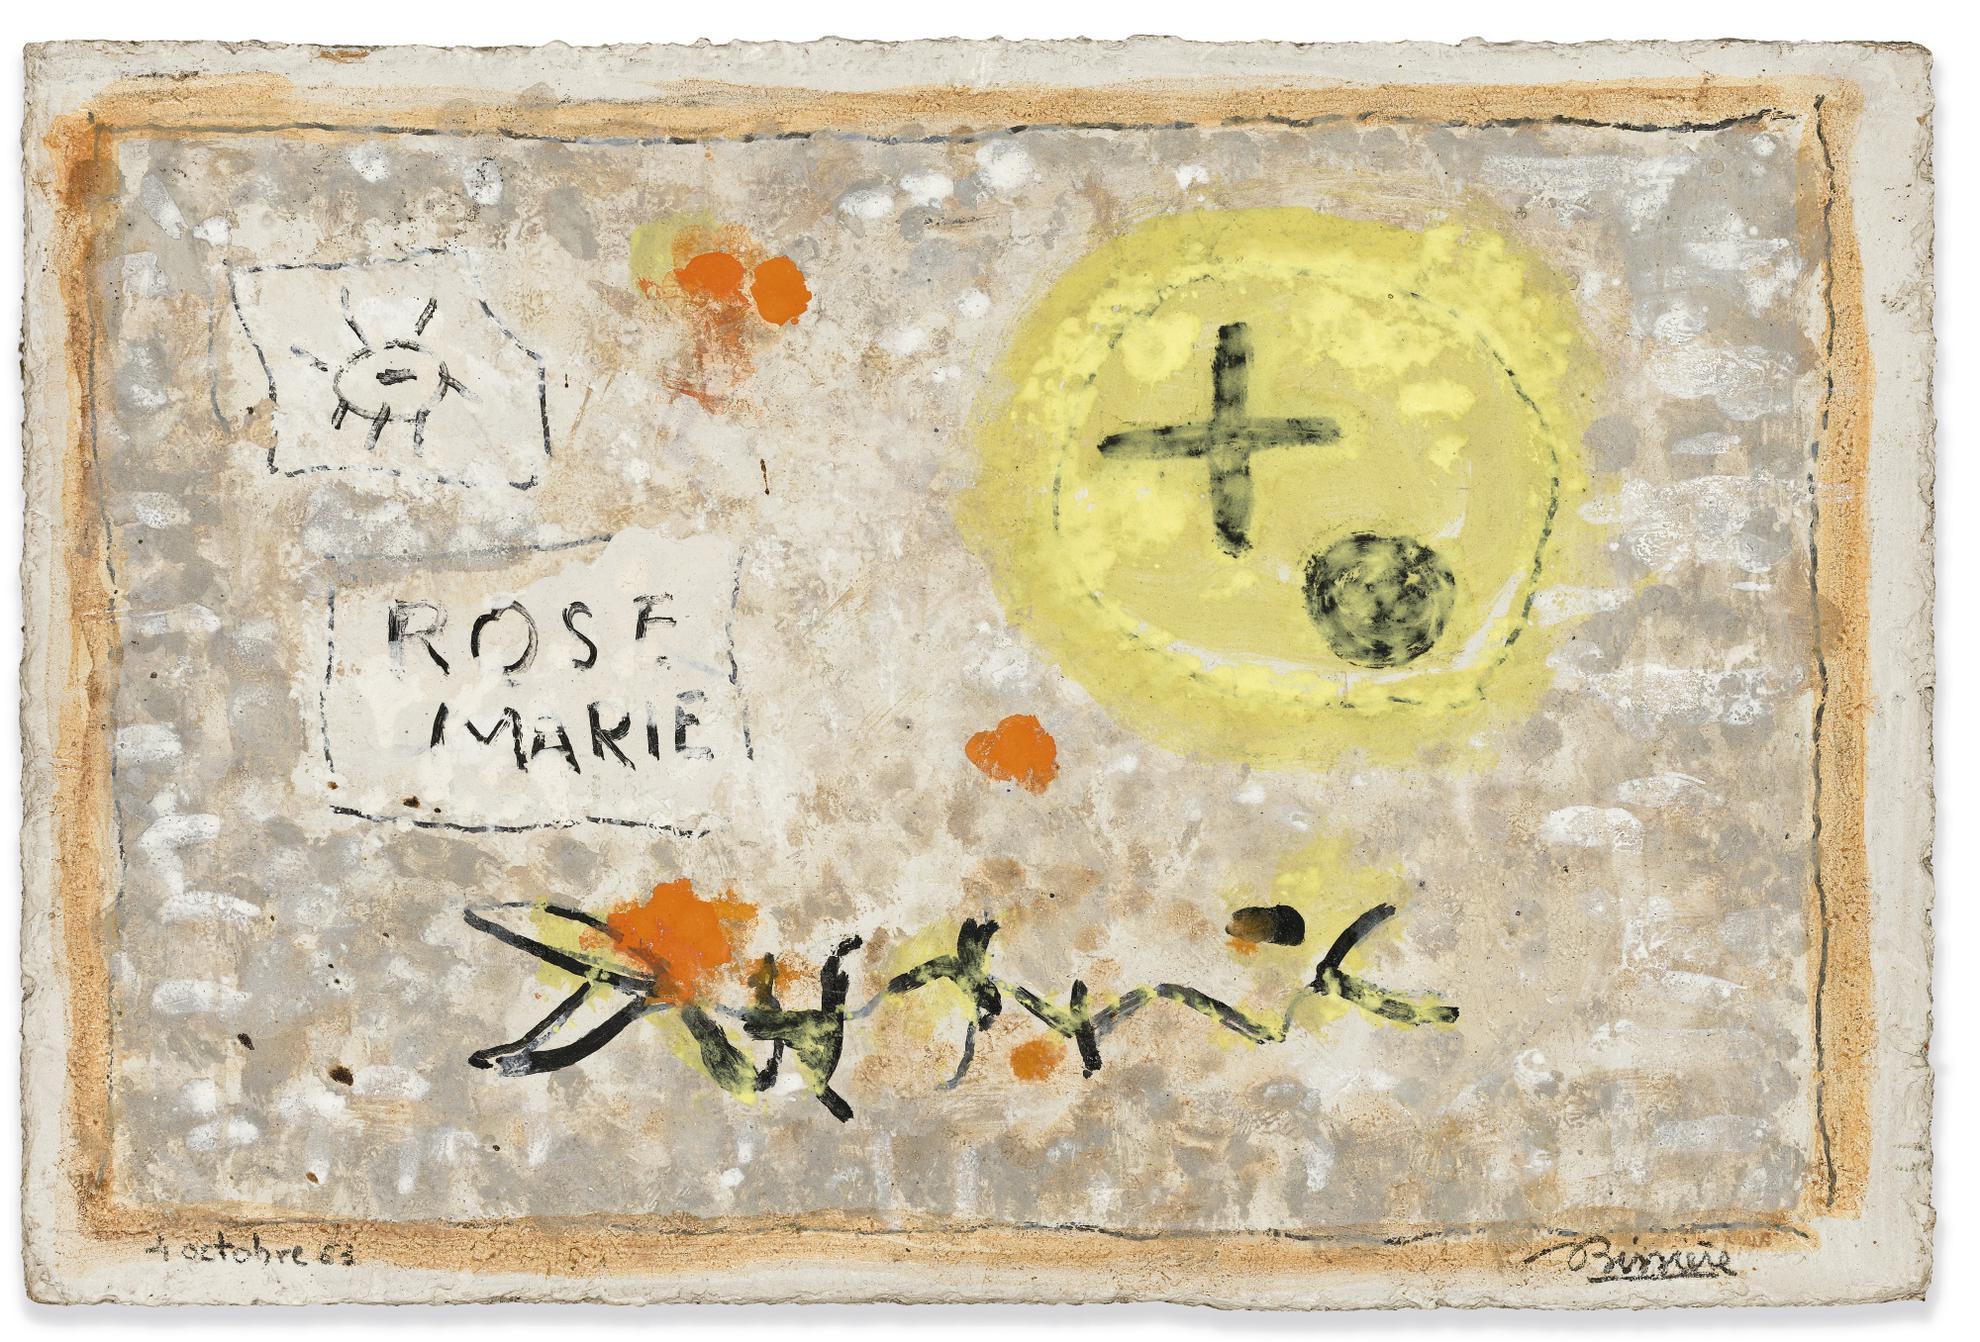 Roger Bissiere-4 Octobre 63, 1963-1963